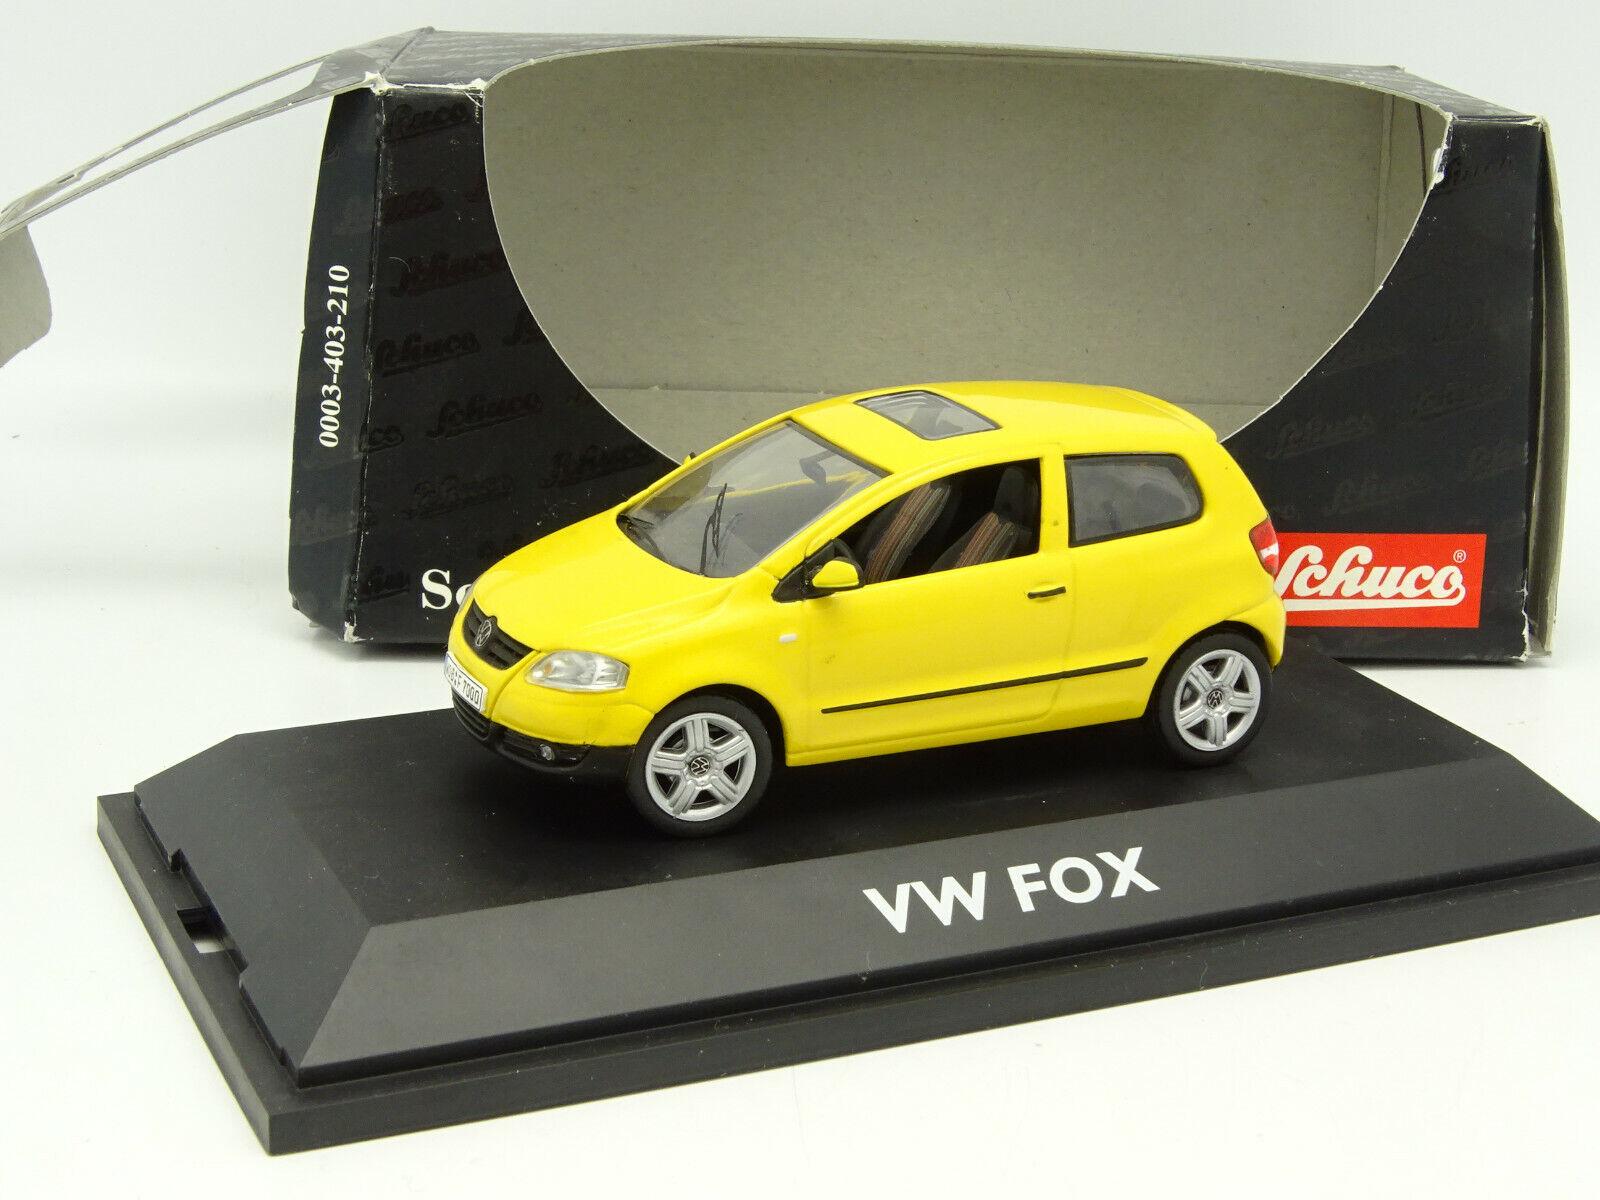 Schuco 1/43 - VW Fox Gialla